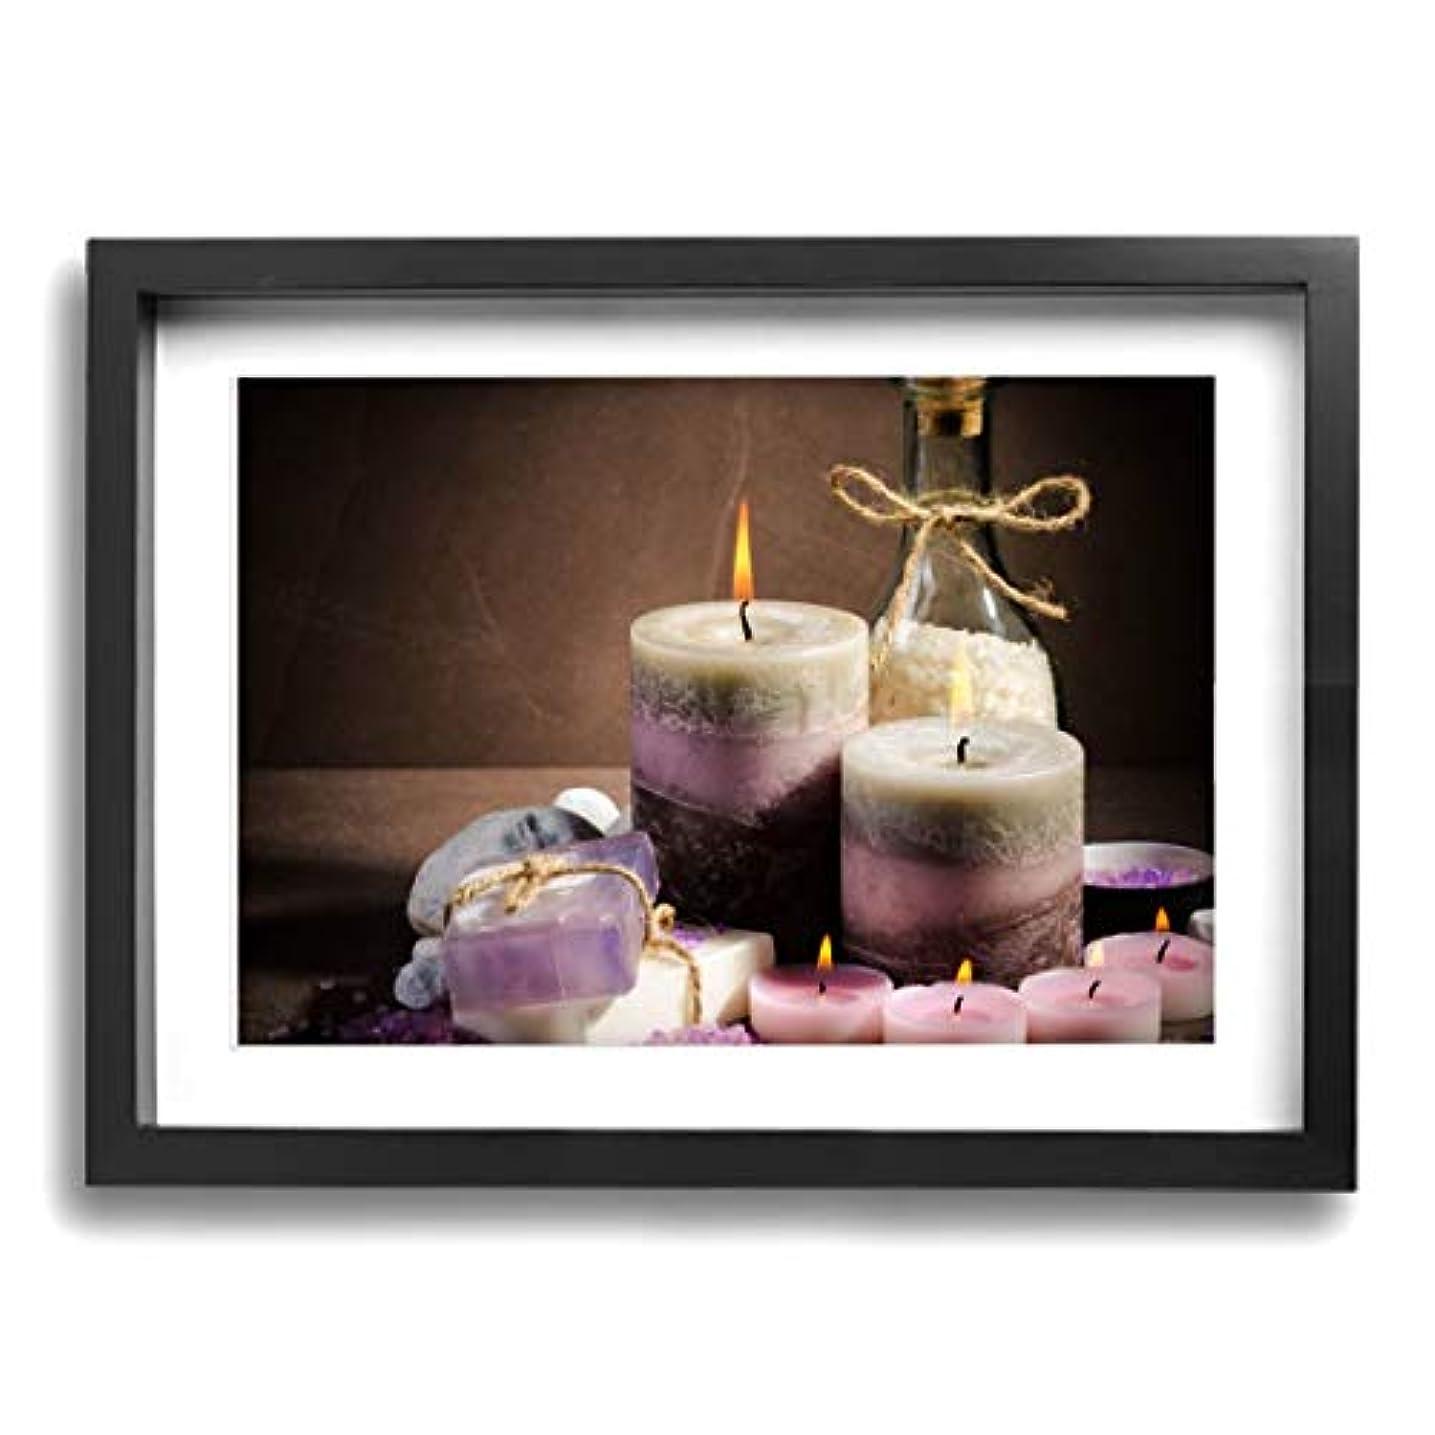 長々と故意に葉巻魅力的な芸術 30x40cm Spa Purple Color Candle Oil キャンバスの壁アート 画像プリント絵画リビングルームの壁の装飾と家の装飾のための現代アートワークハングする準備ができて